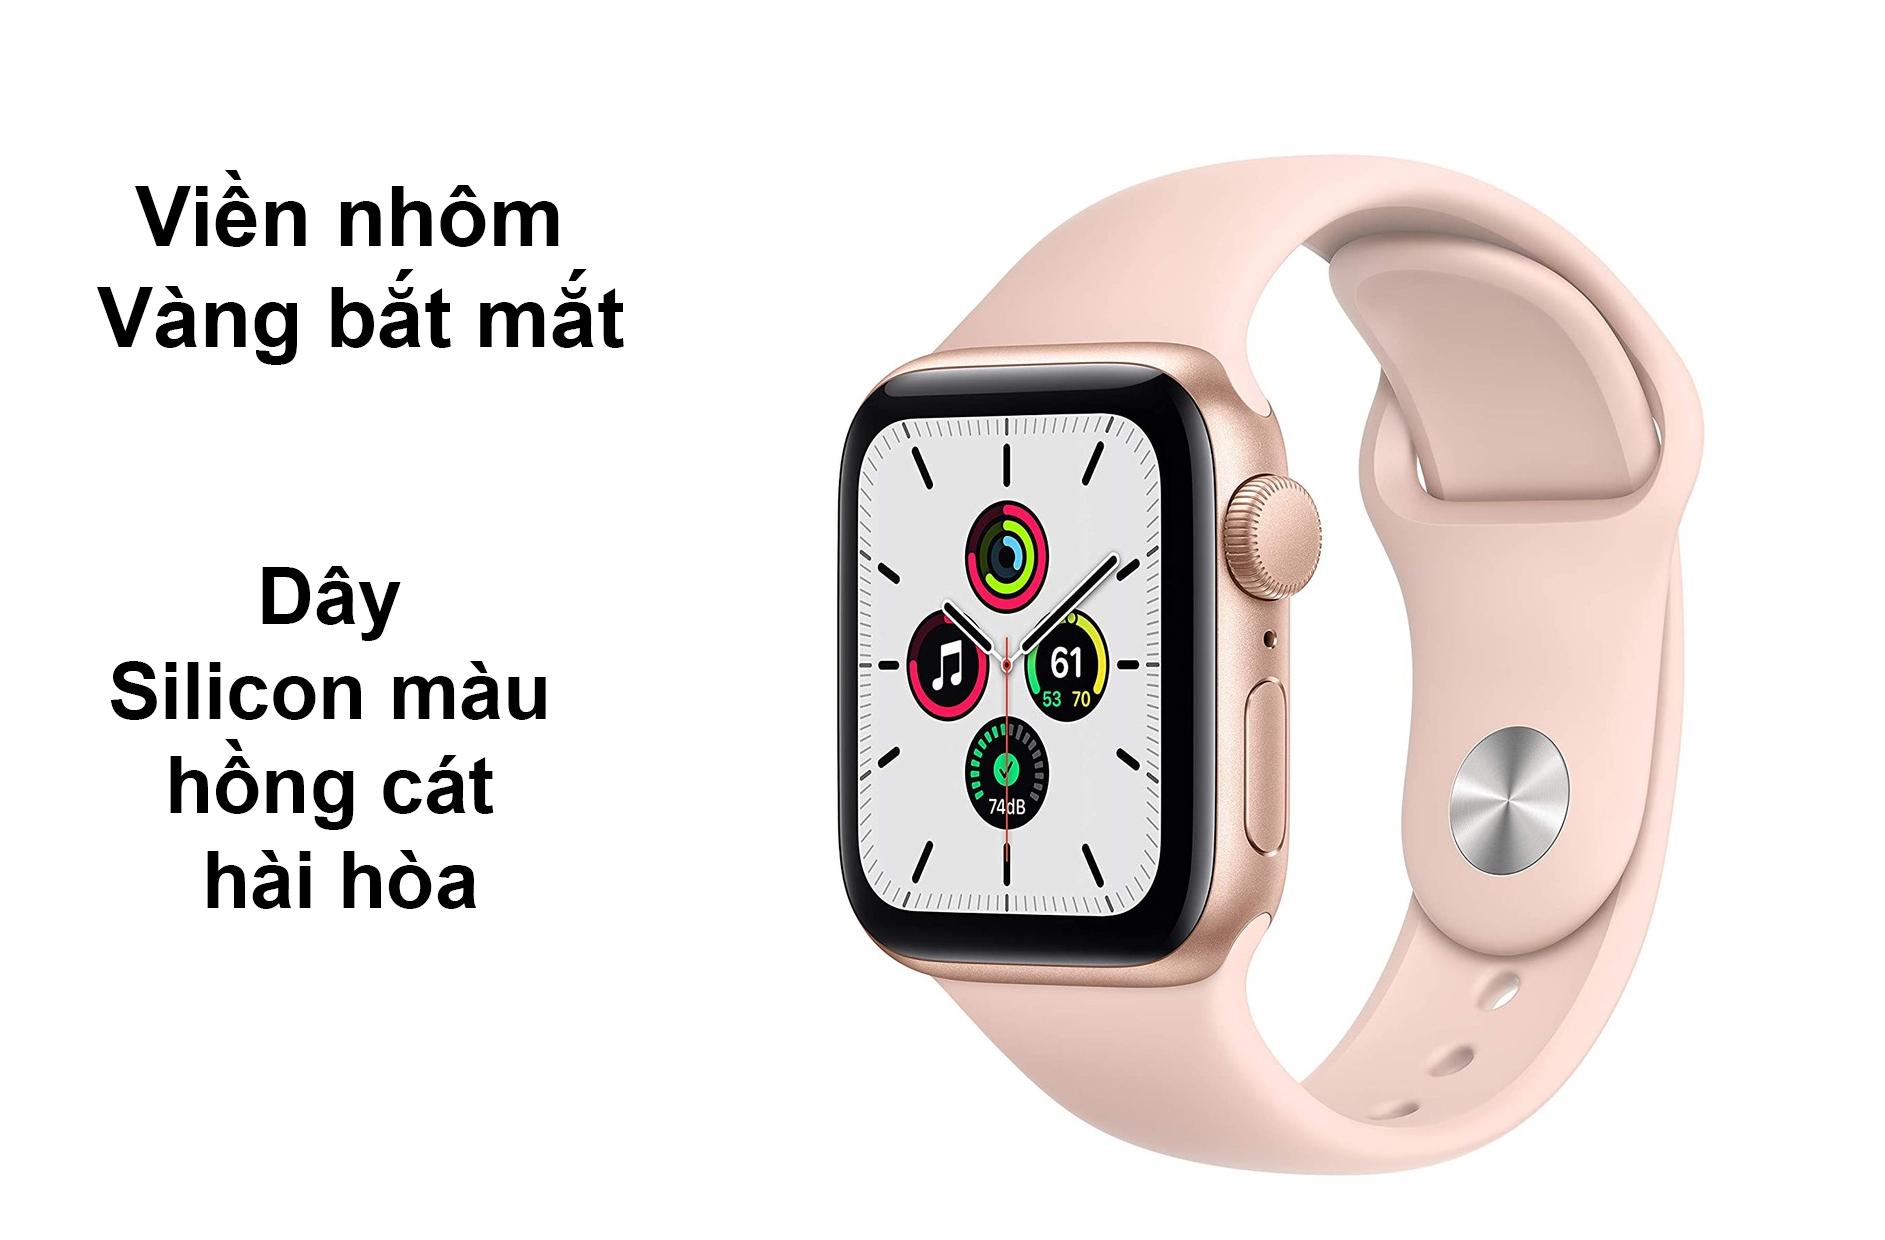 Apple Watch Series 6 GPS 40mm viền nhôm Vàng dây Silicon Hồng Cát